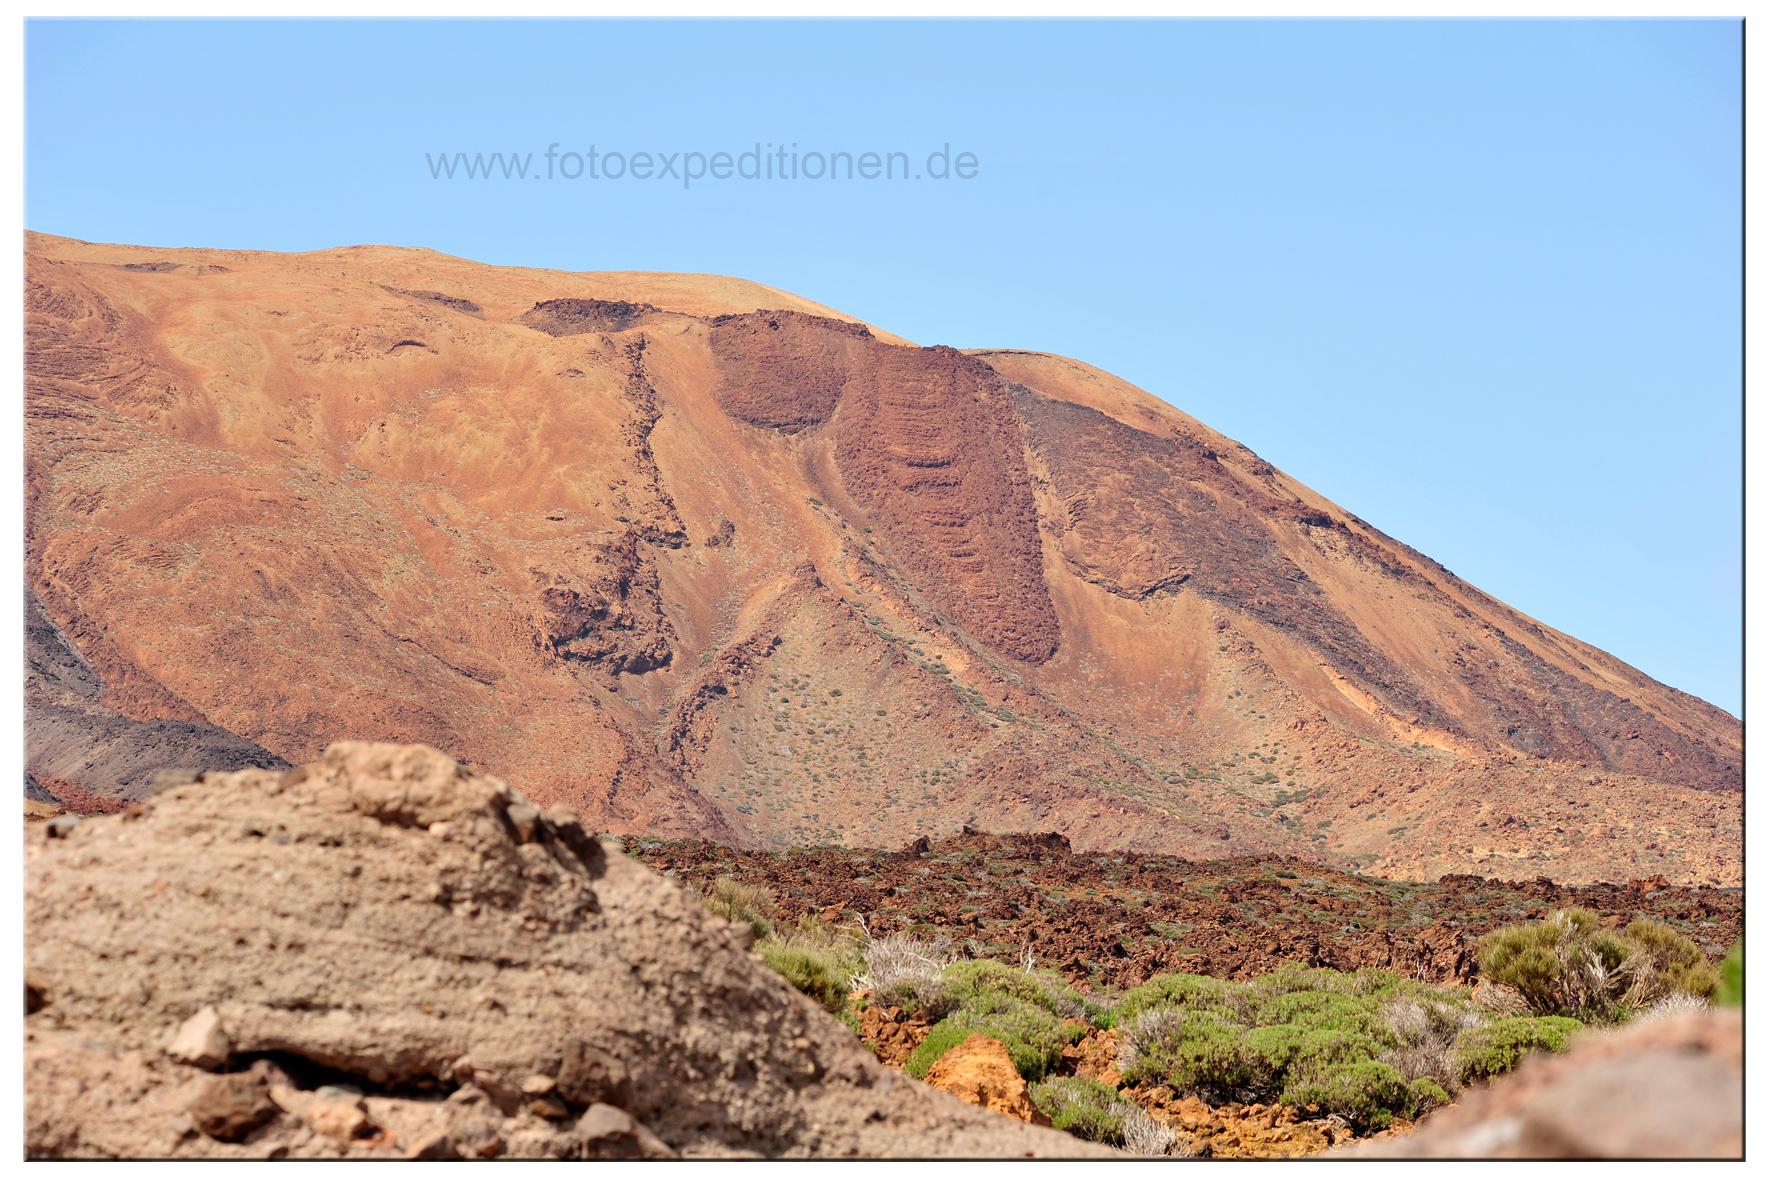 Am El Teide, Teneriffa